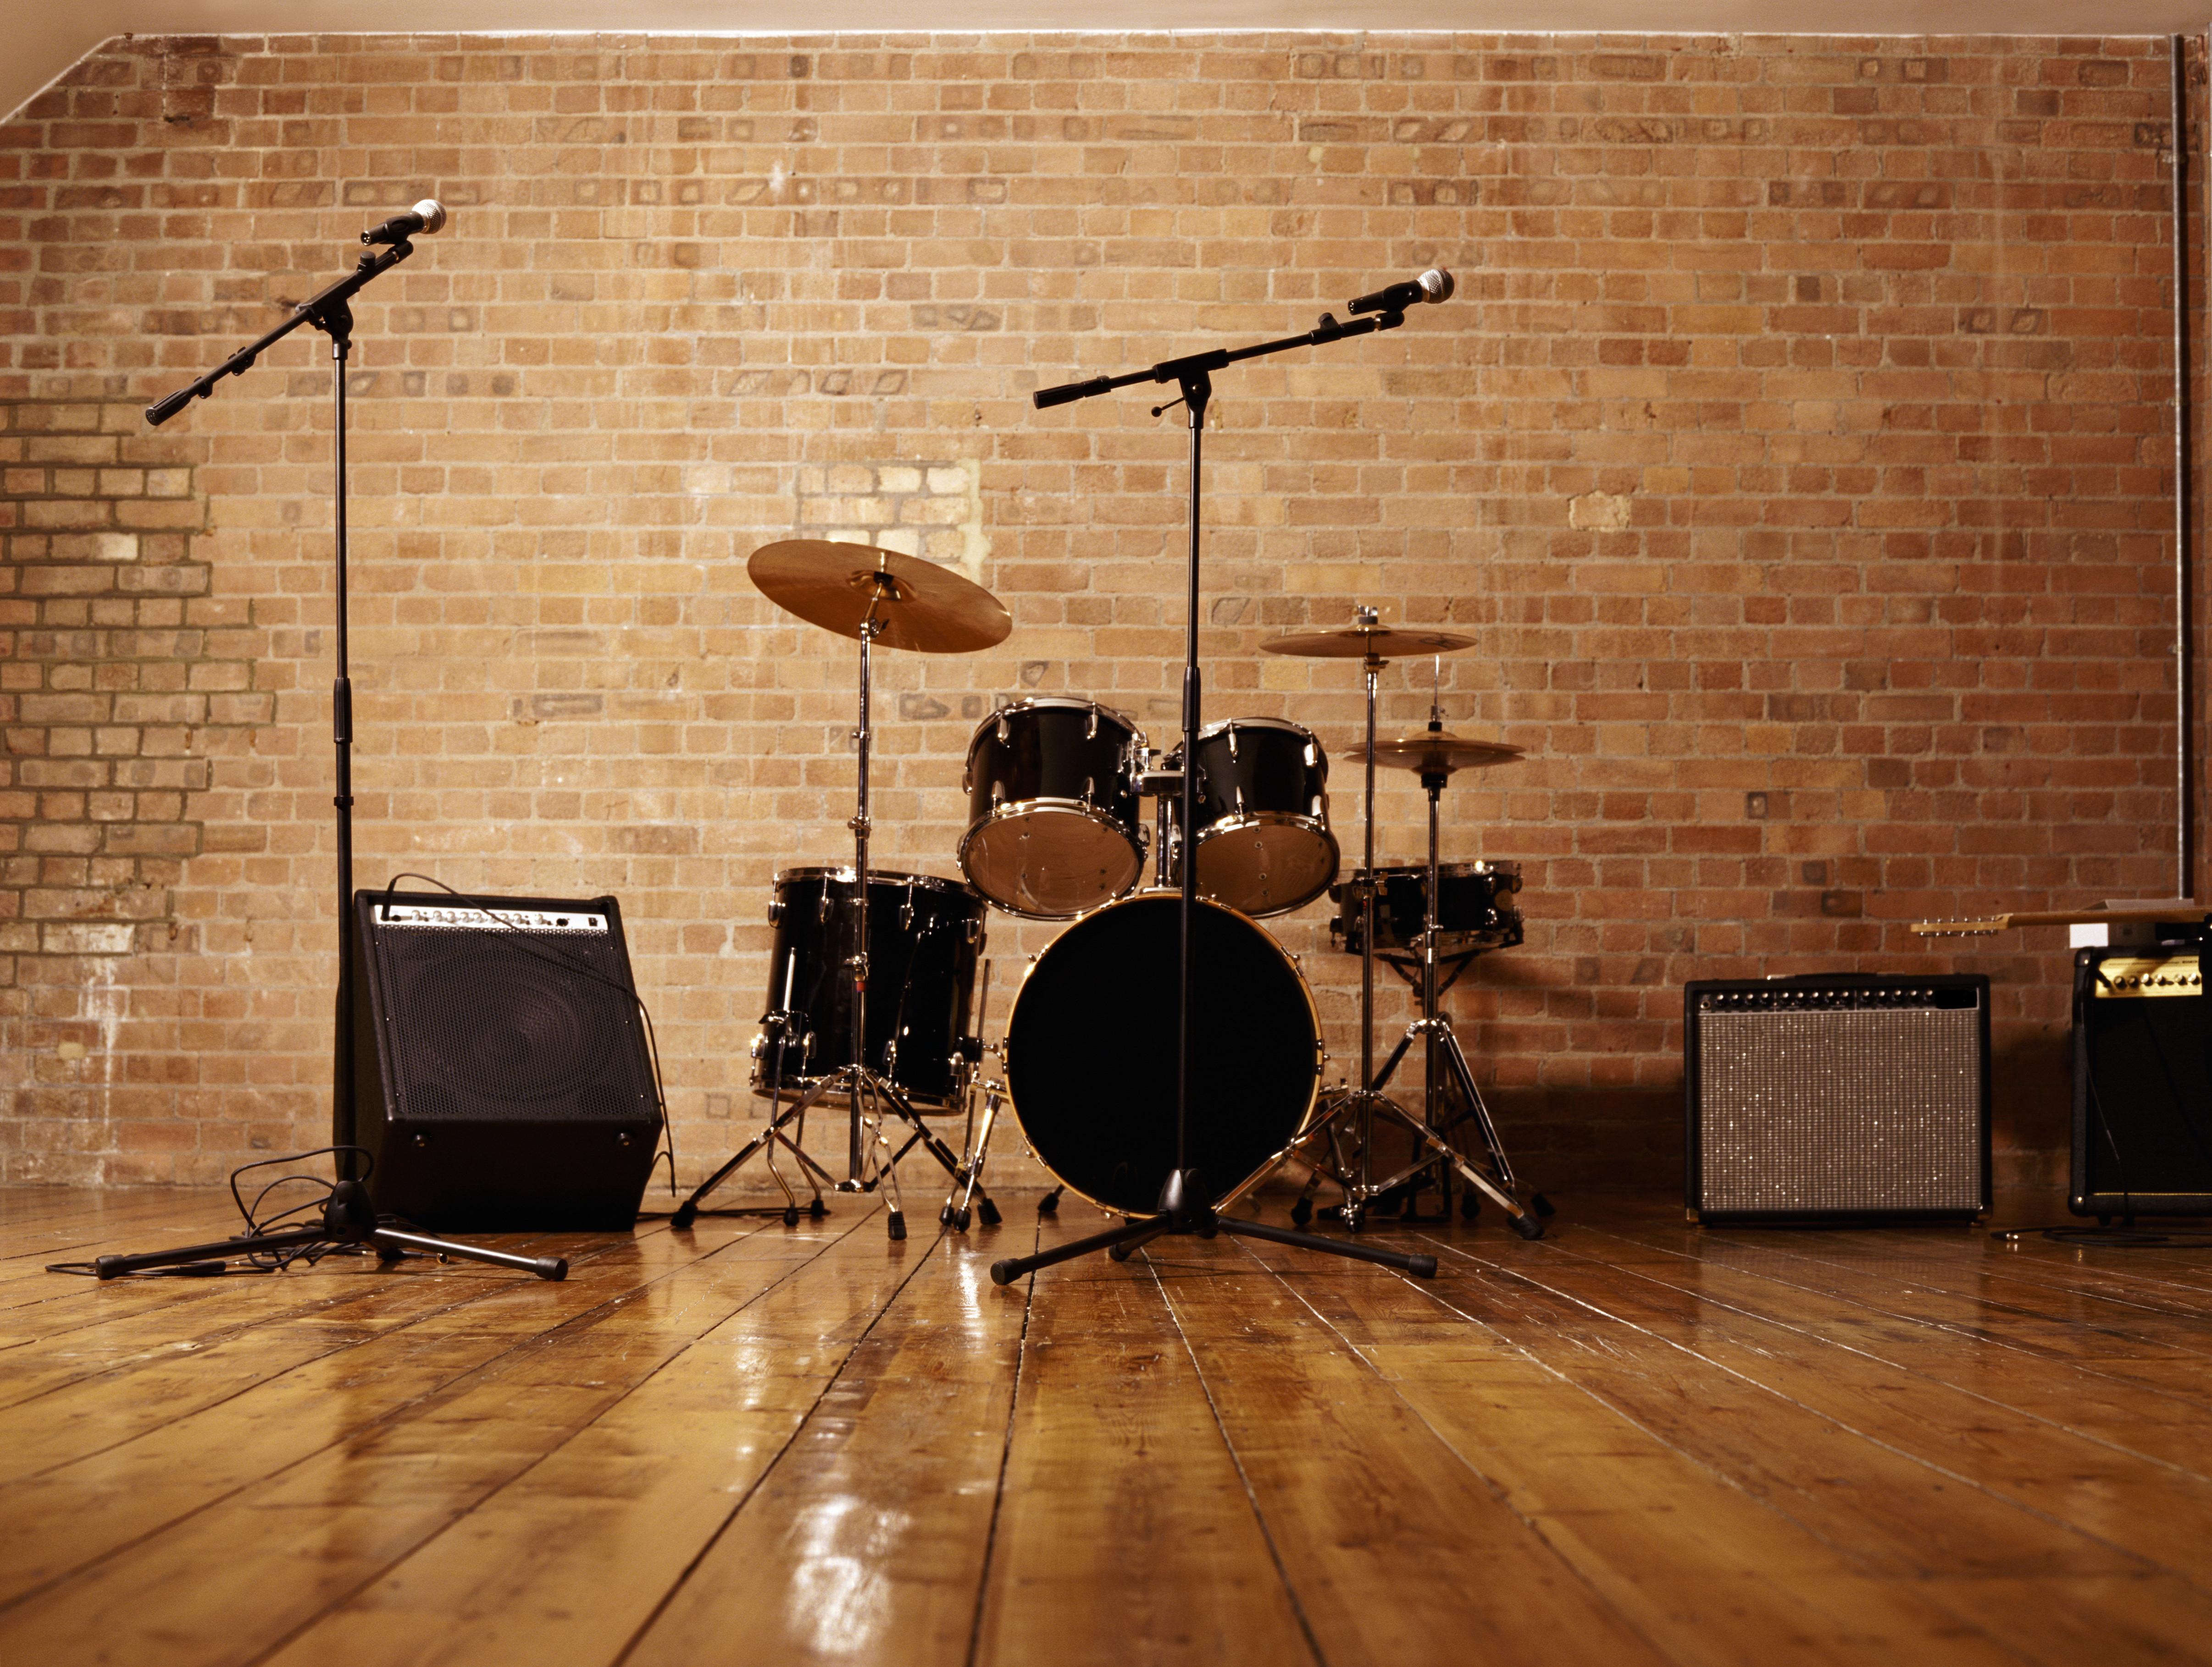 Séance en studio d'enregistrement : découvrez tarif, contacts et types de productions